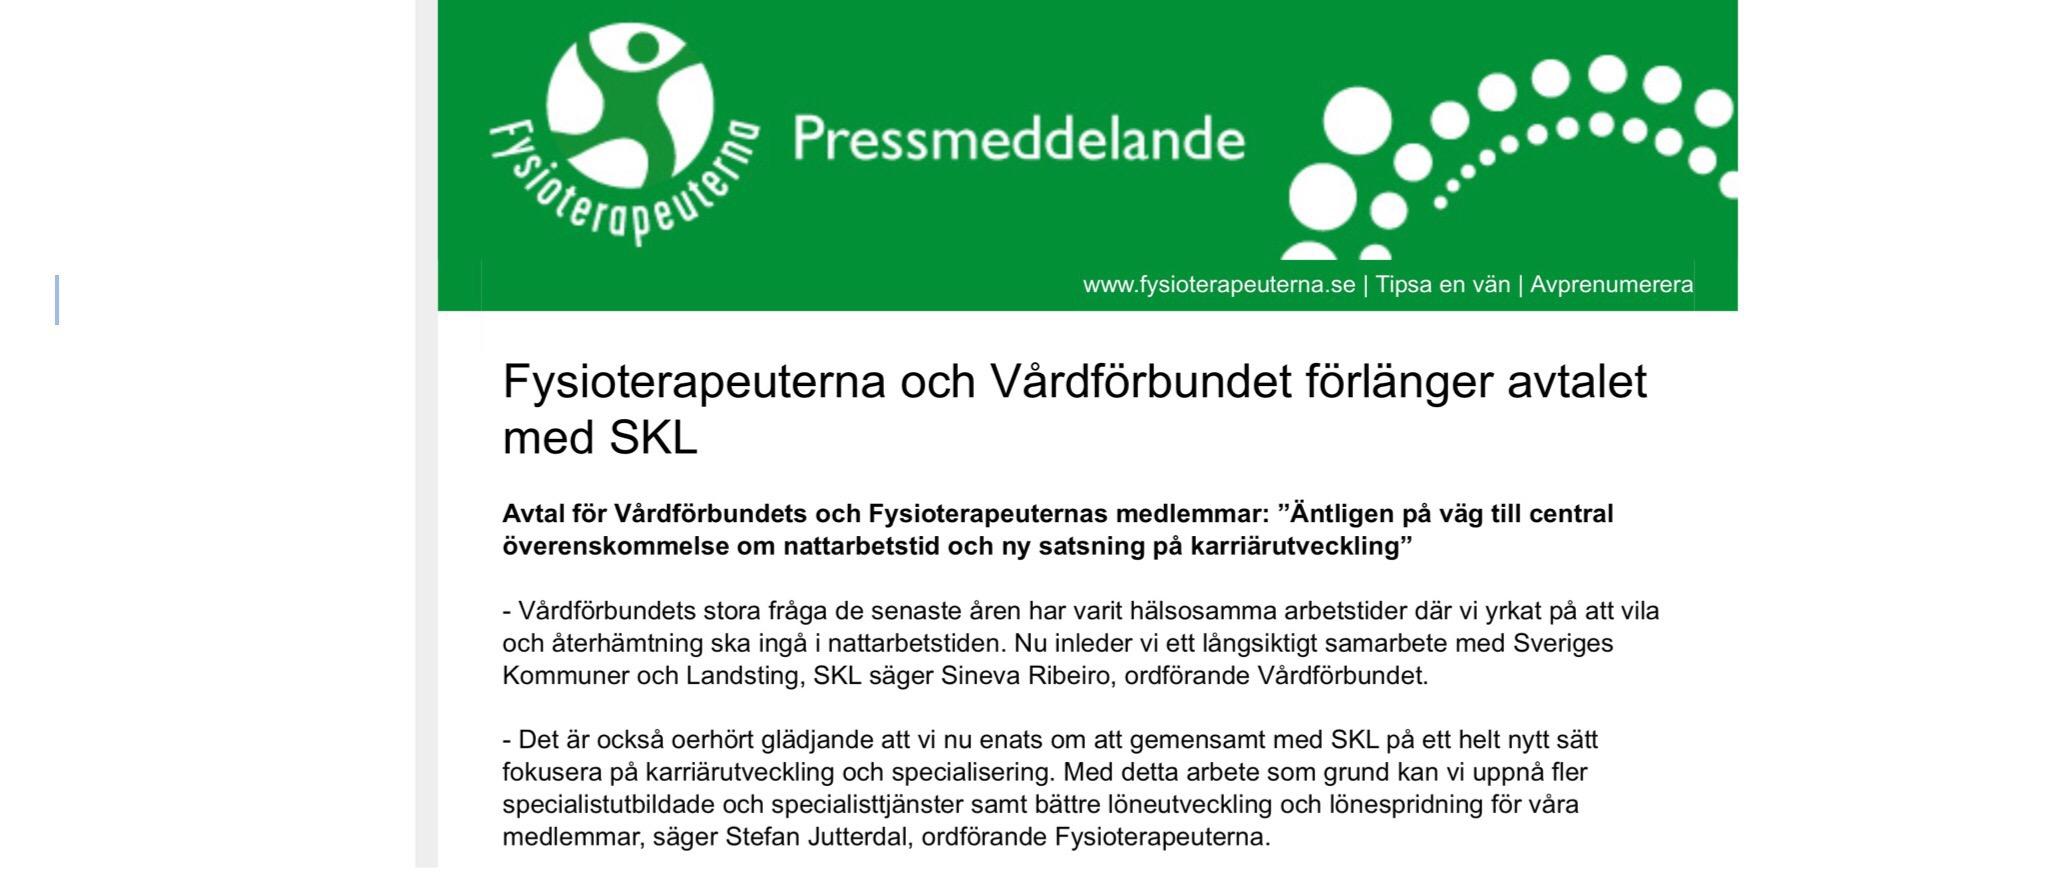 mötesplatsen värmland Göteborg